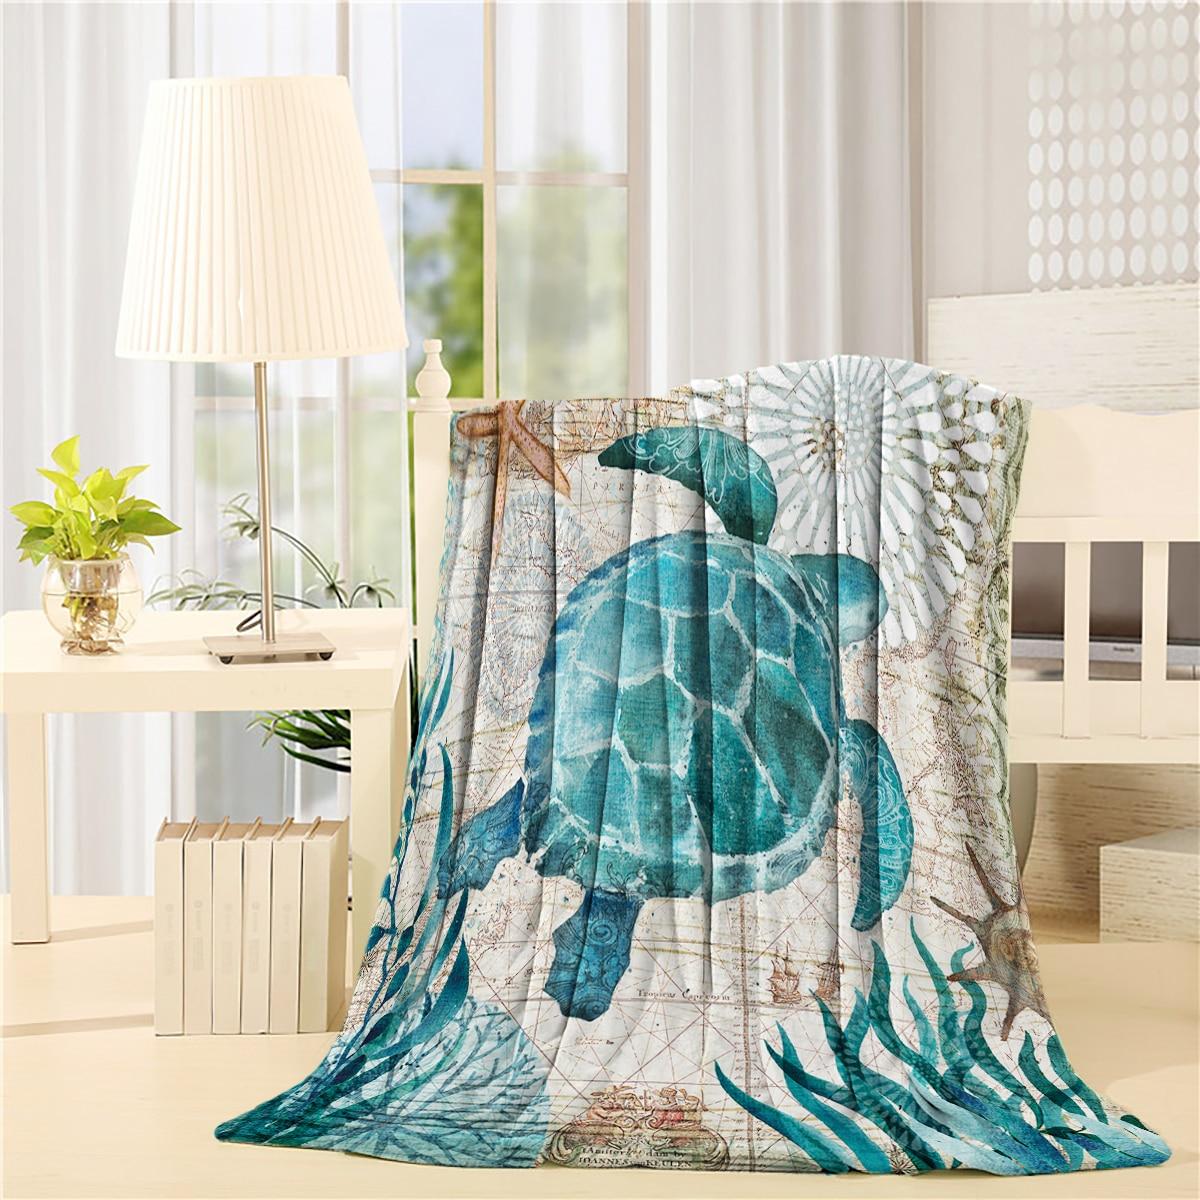 Grande Polaire Tartan couverture jeter canapé lit Picnic Couverture Multi Usage chaud carreaux